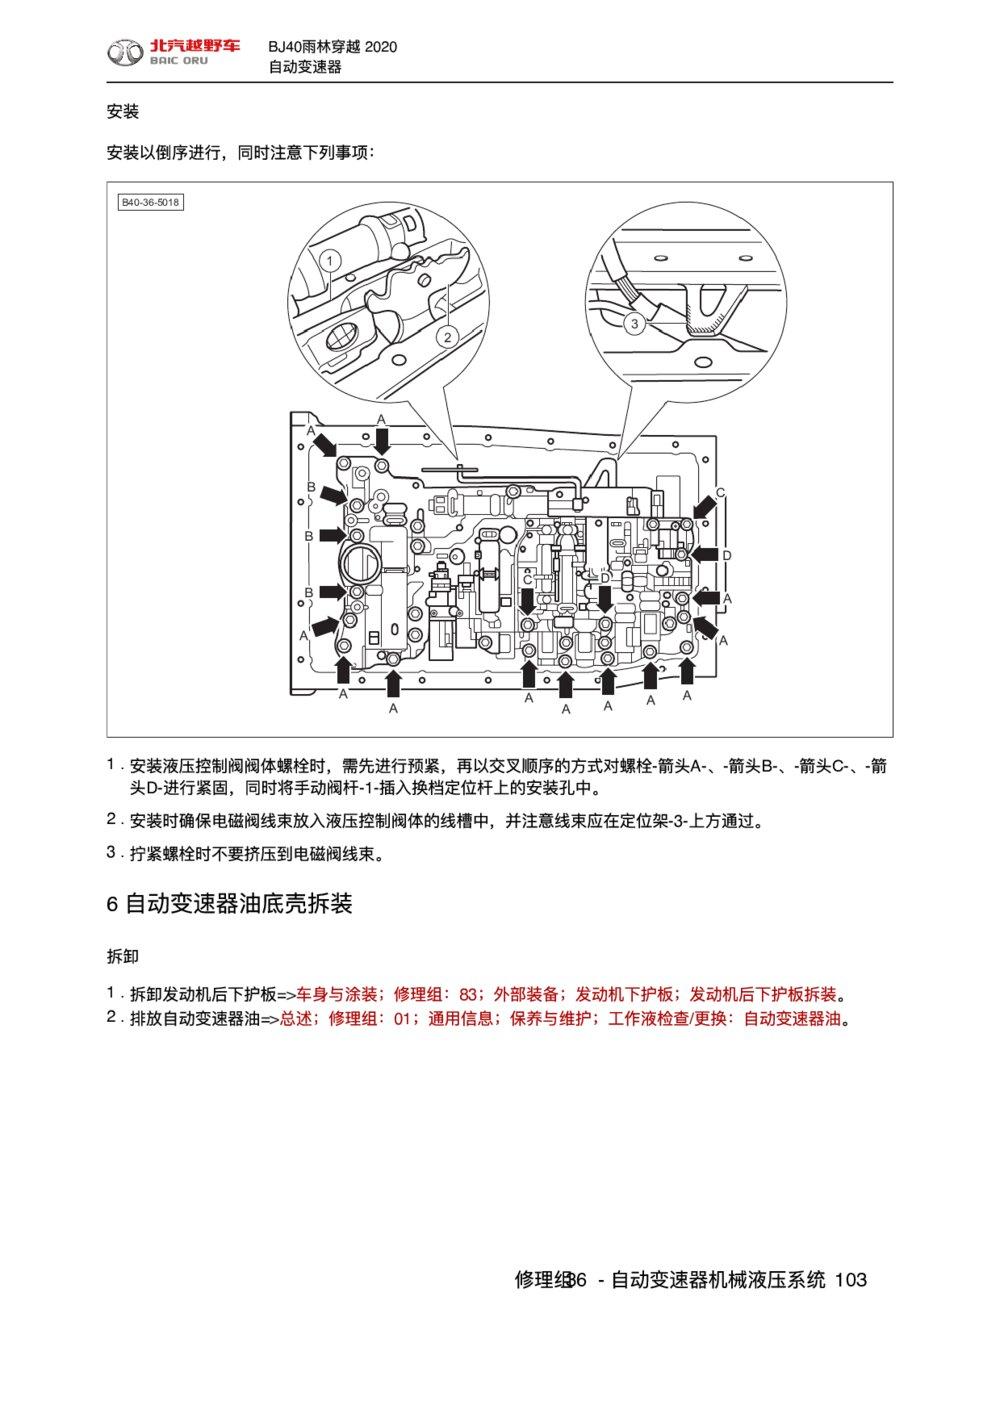 2020款北京BJ40雨林穿越版自动变速器油底壳拆装